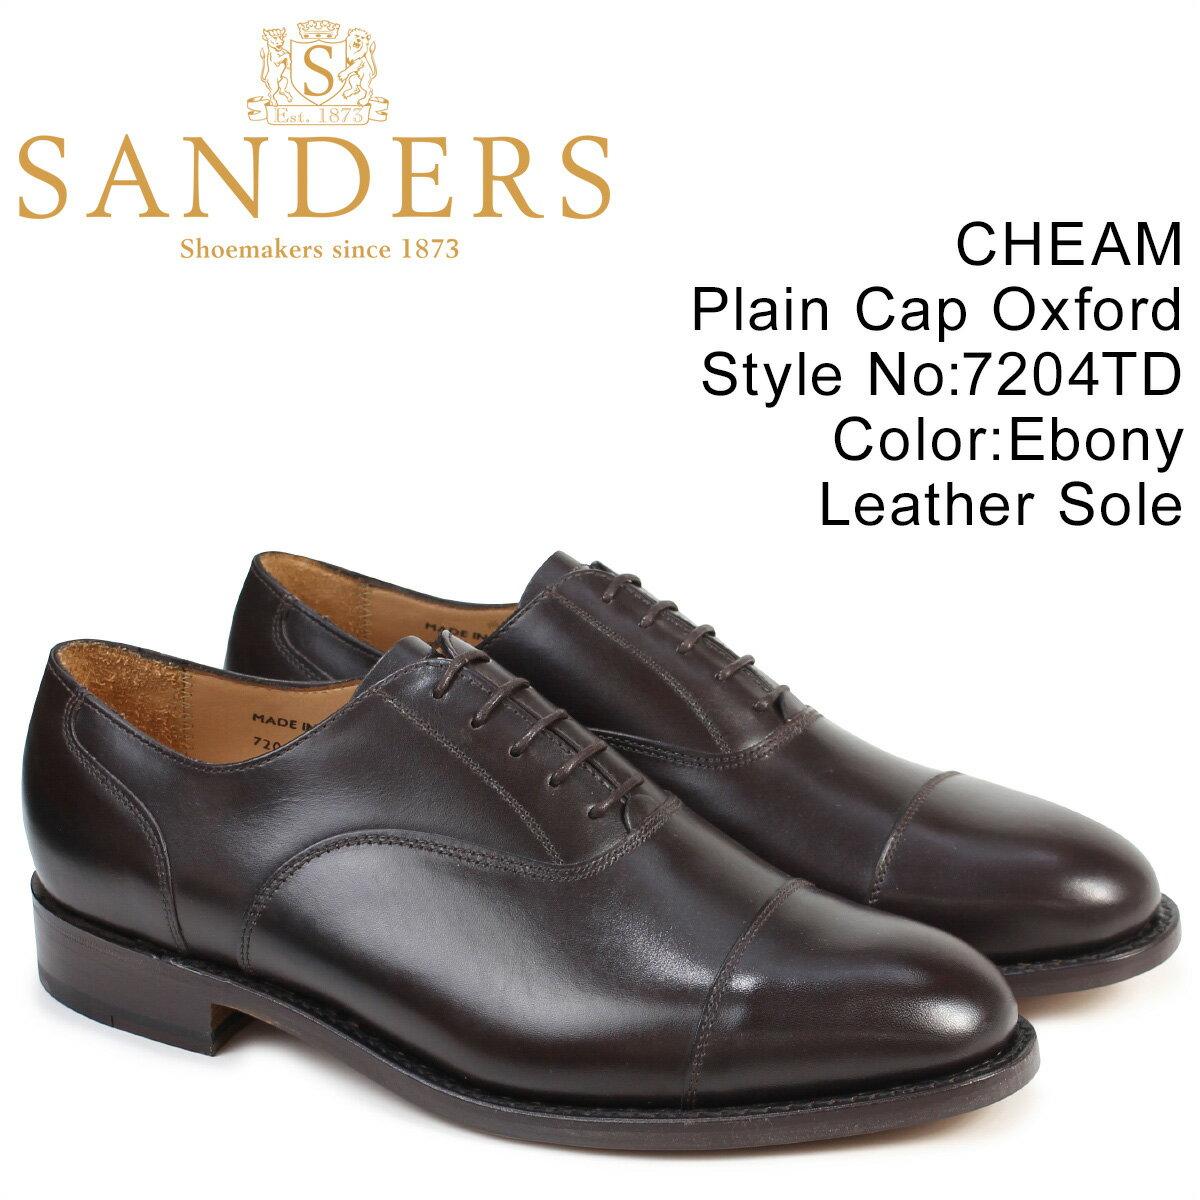 サンダース 靴 SANDERS ミリタリー オックスフォード シューズ ビジネス CHEAM 7204TD メンズ ダークブラウン